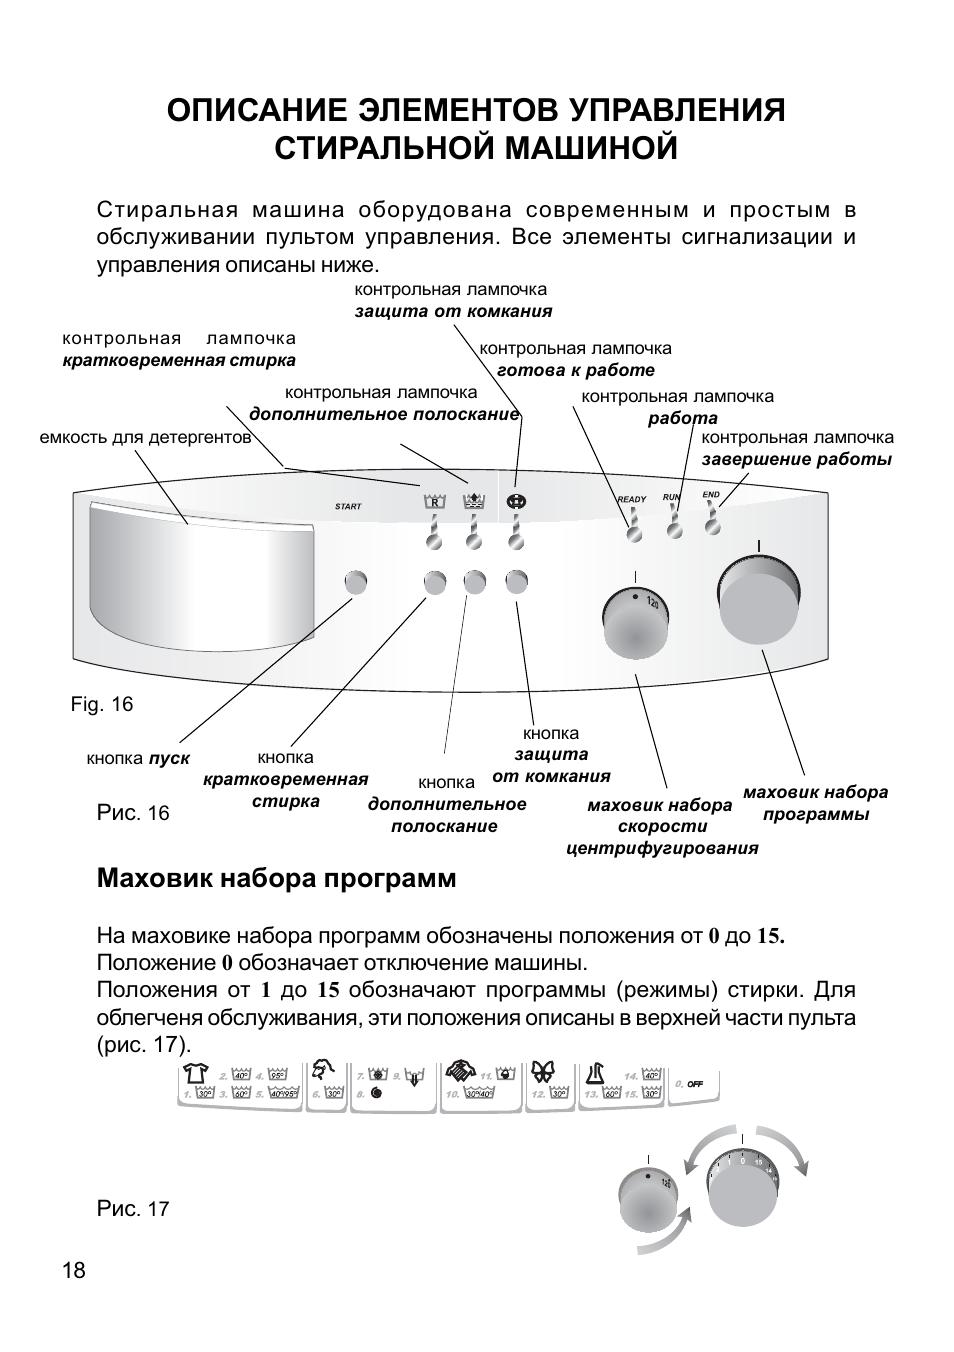 hansa стиральная машина инструкция по эксплуатации